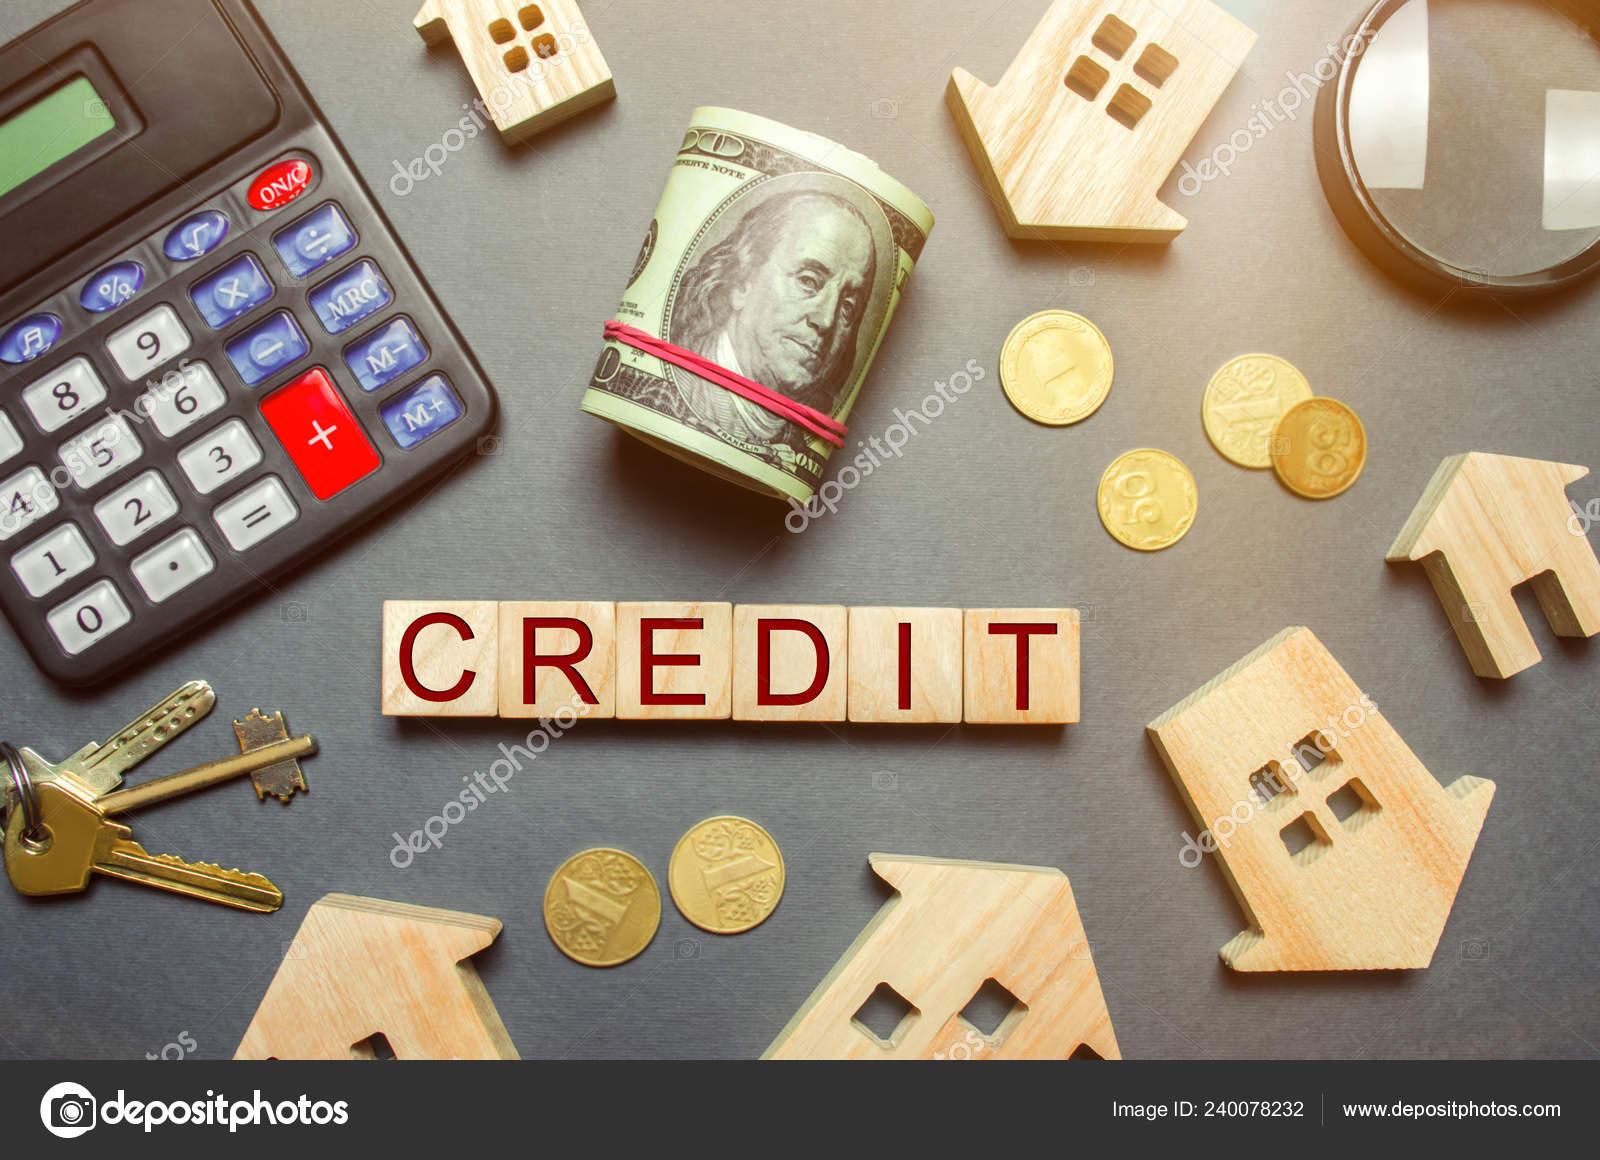 Втб саранск кредиты